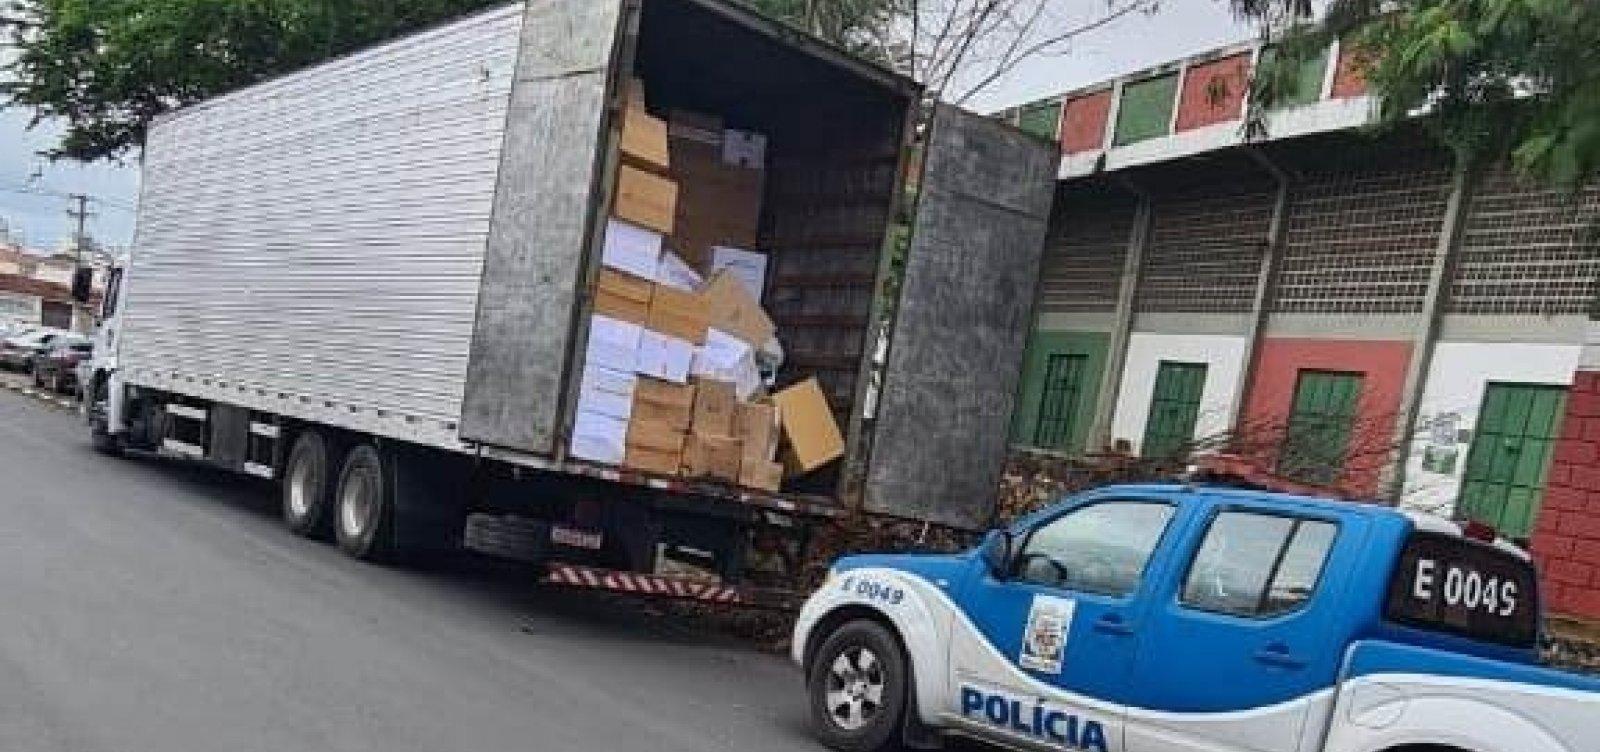 Caminhão com R$ 800 mil em produtos falsificados é apreendido pela polícia